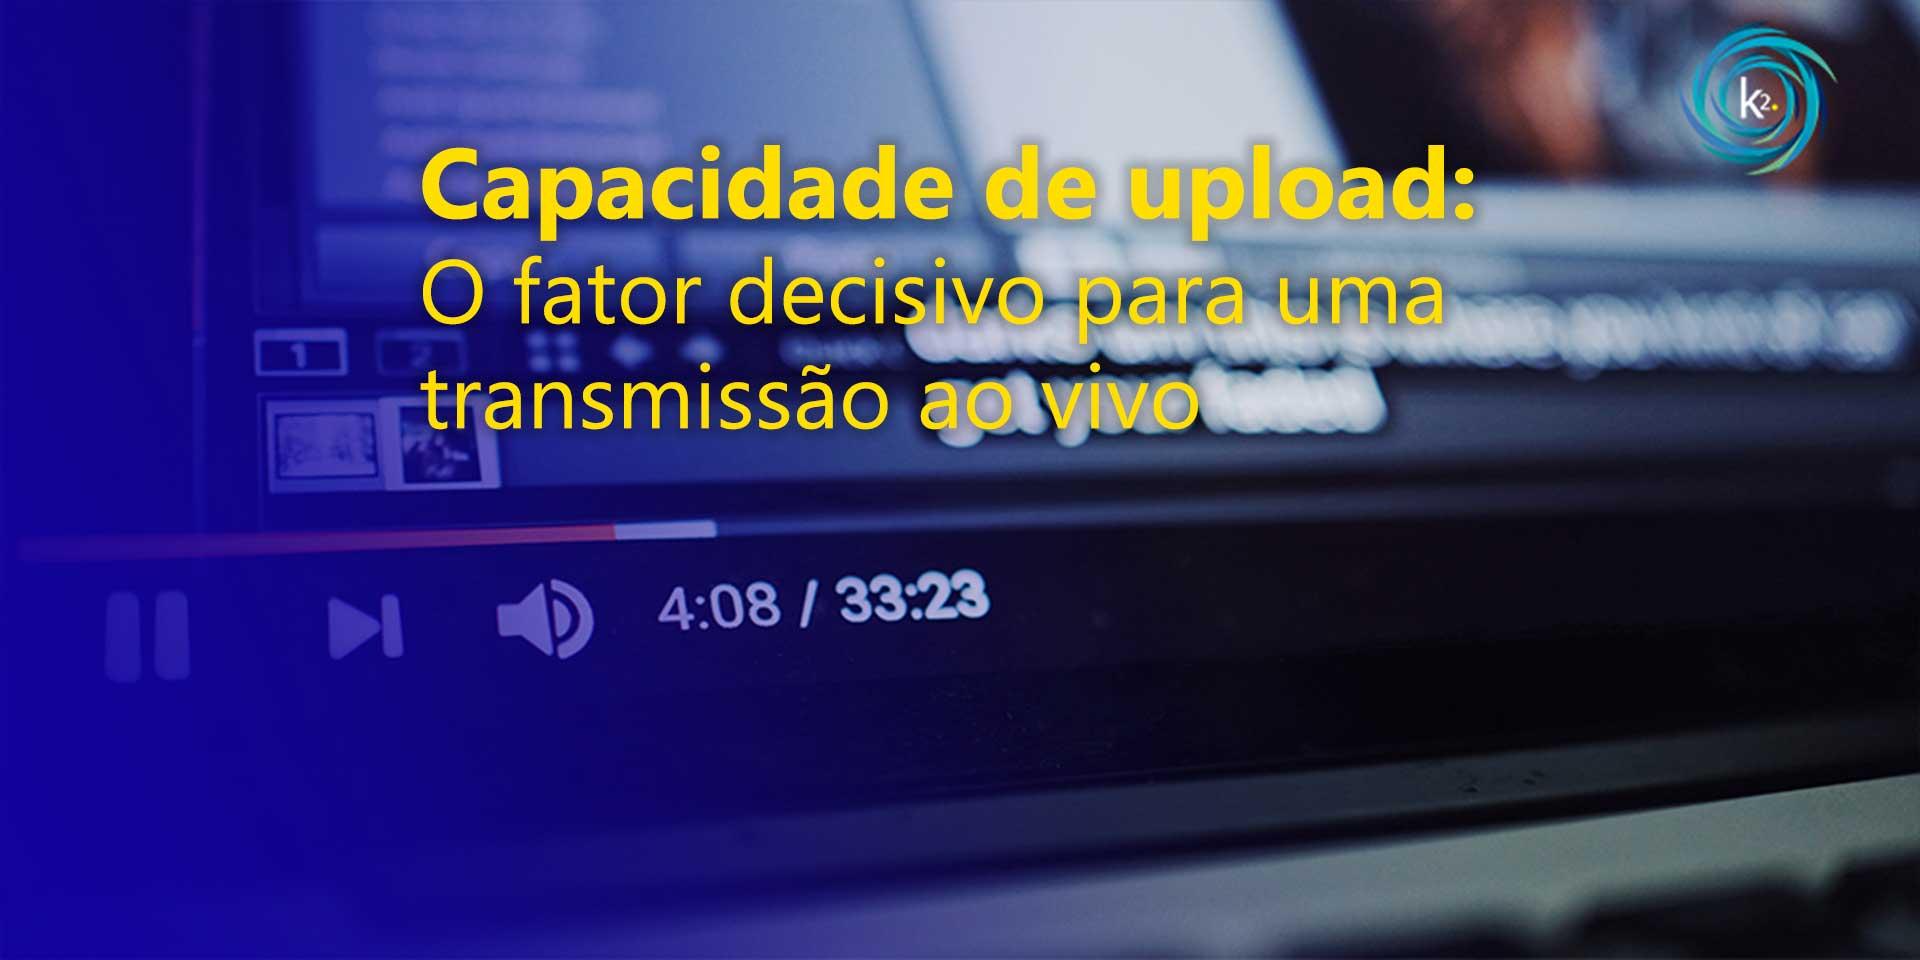 Capacidade de upload na transmissão ao vivo